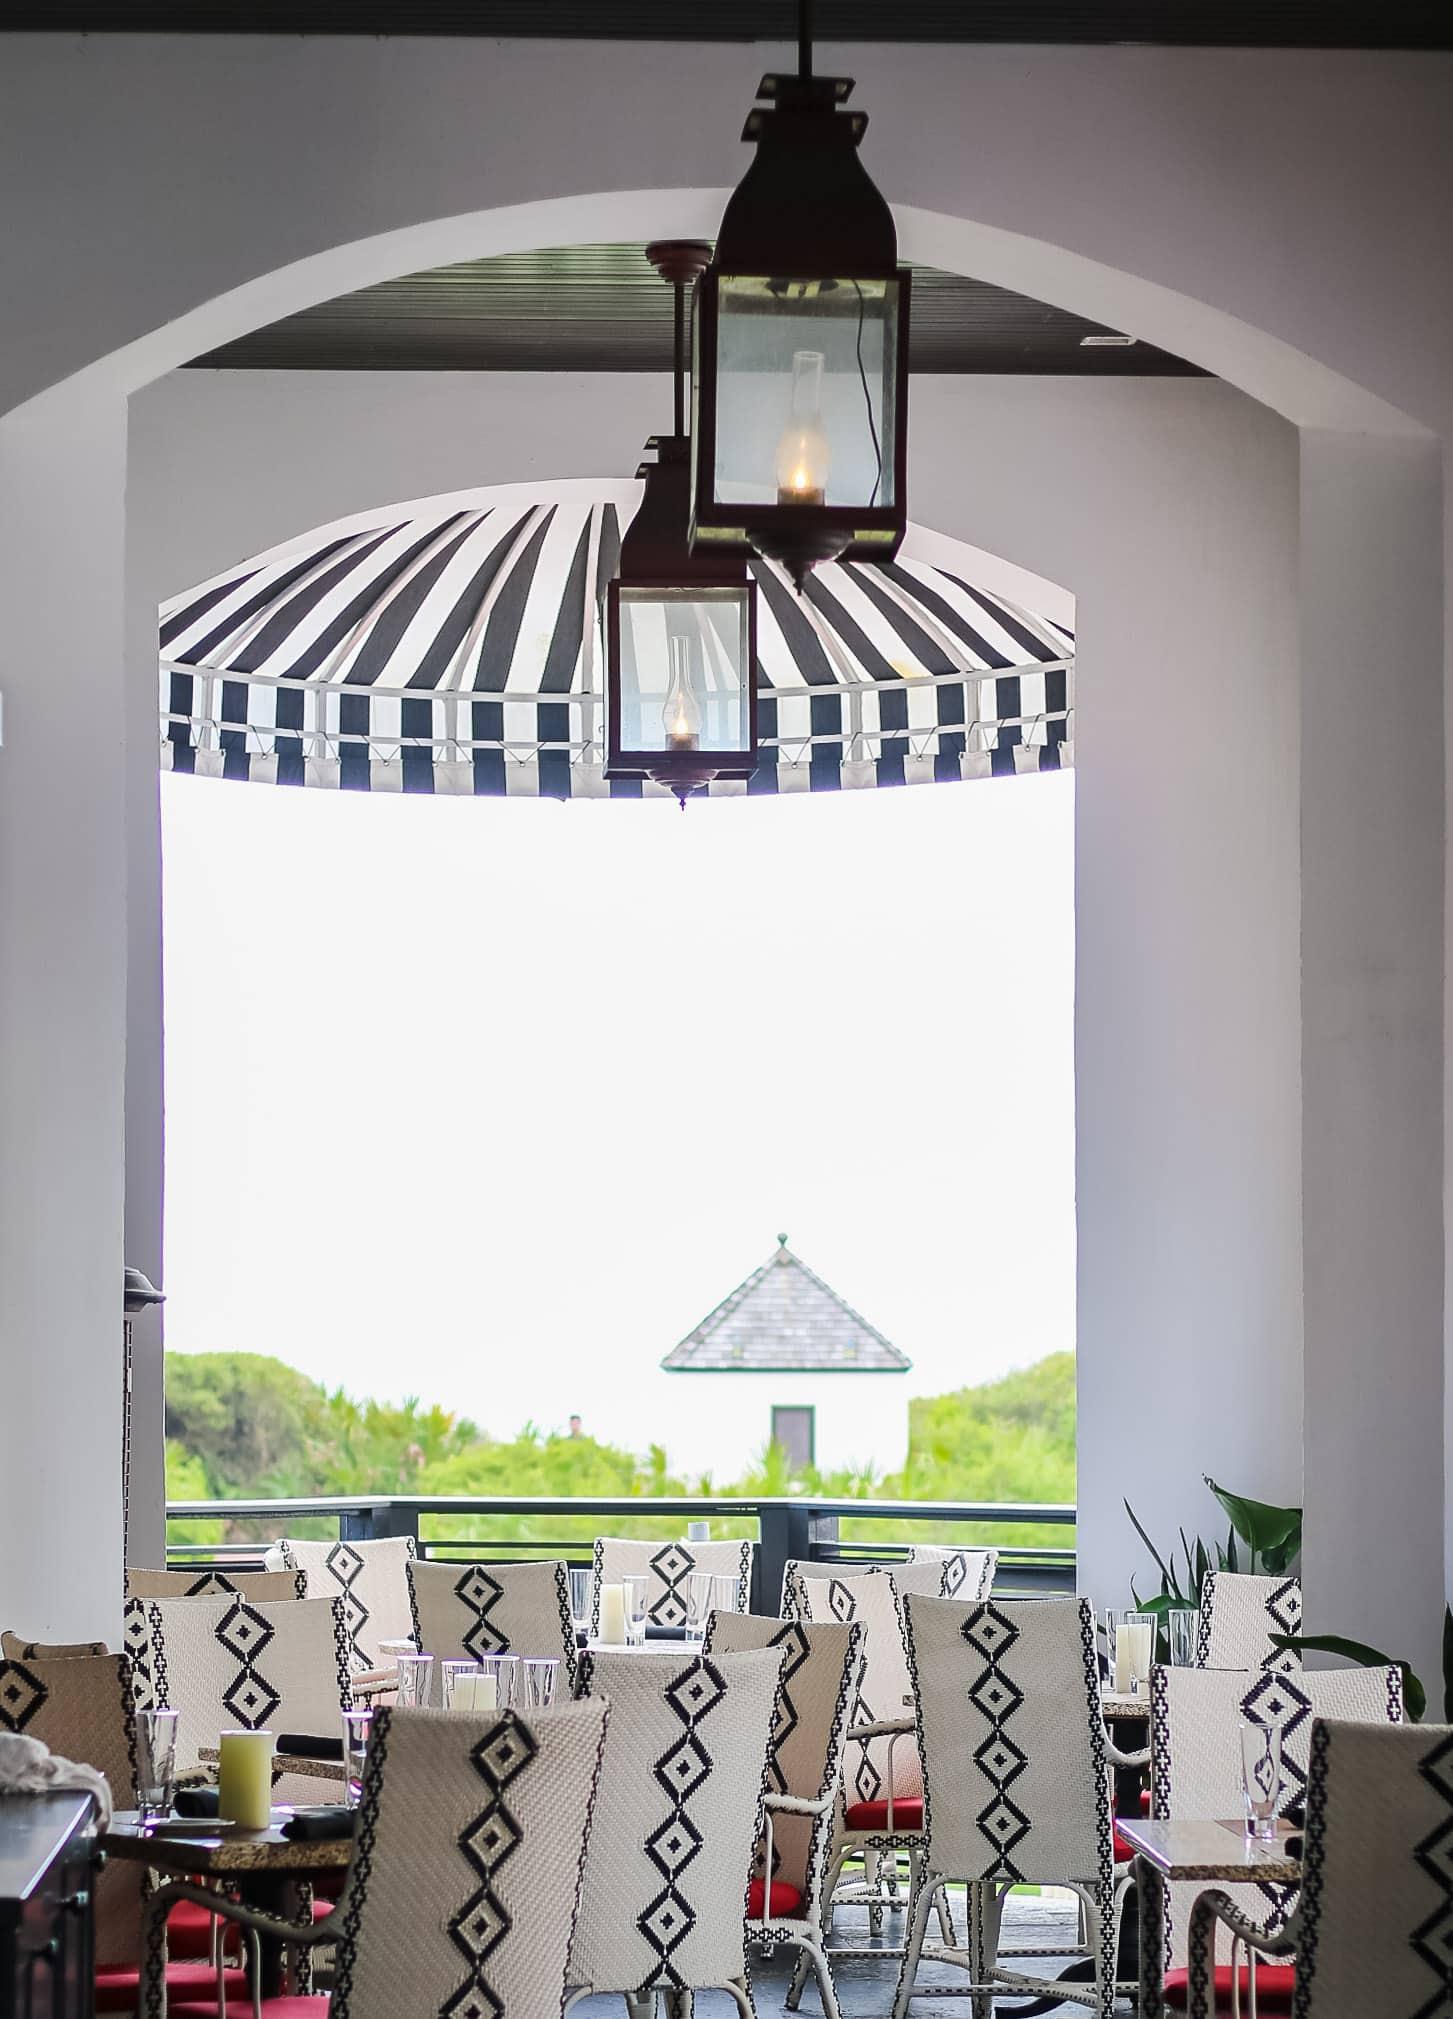 havana-beach-grille-restaurant-the-pearl-hotel-rosemary-beach-florida-0462